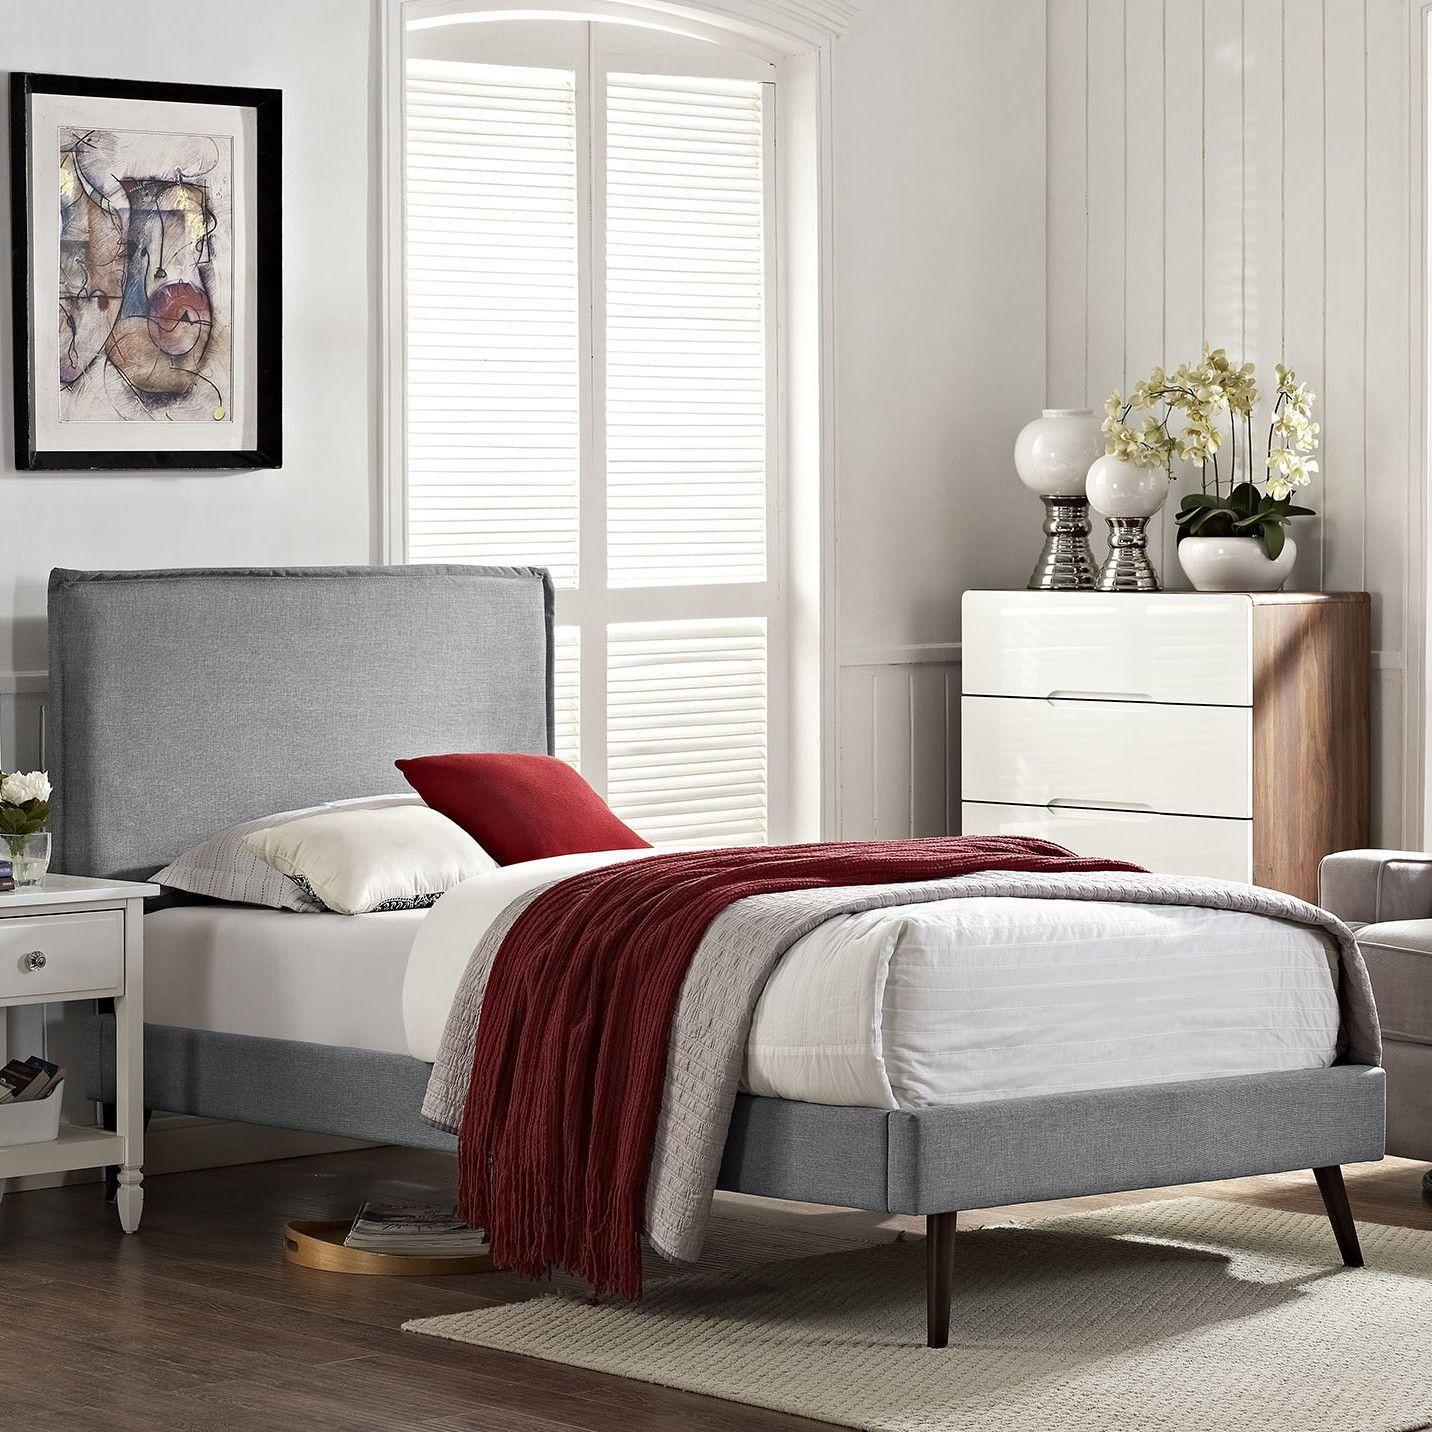 Best Camille Upholstered Platform Bed Upholstered Platform 400 x 300